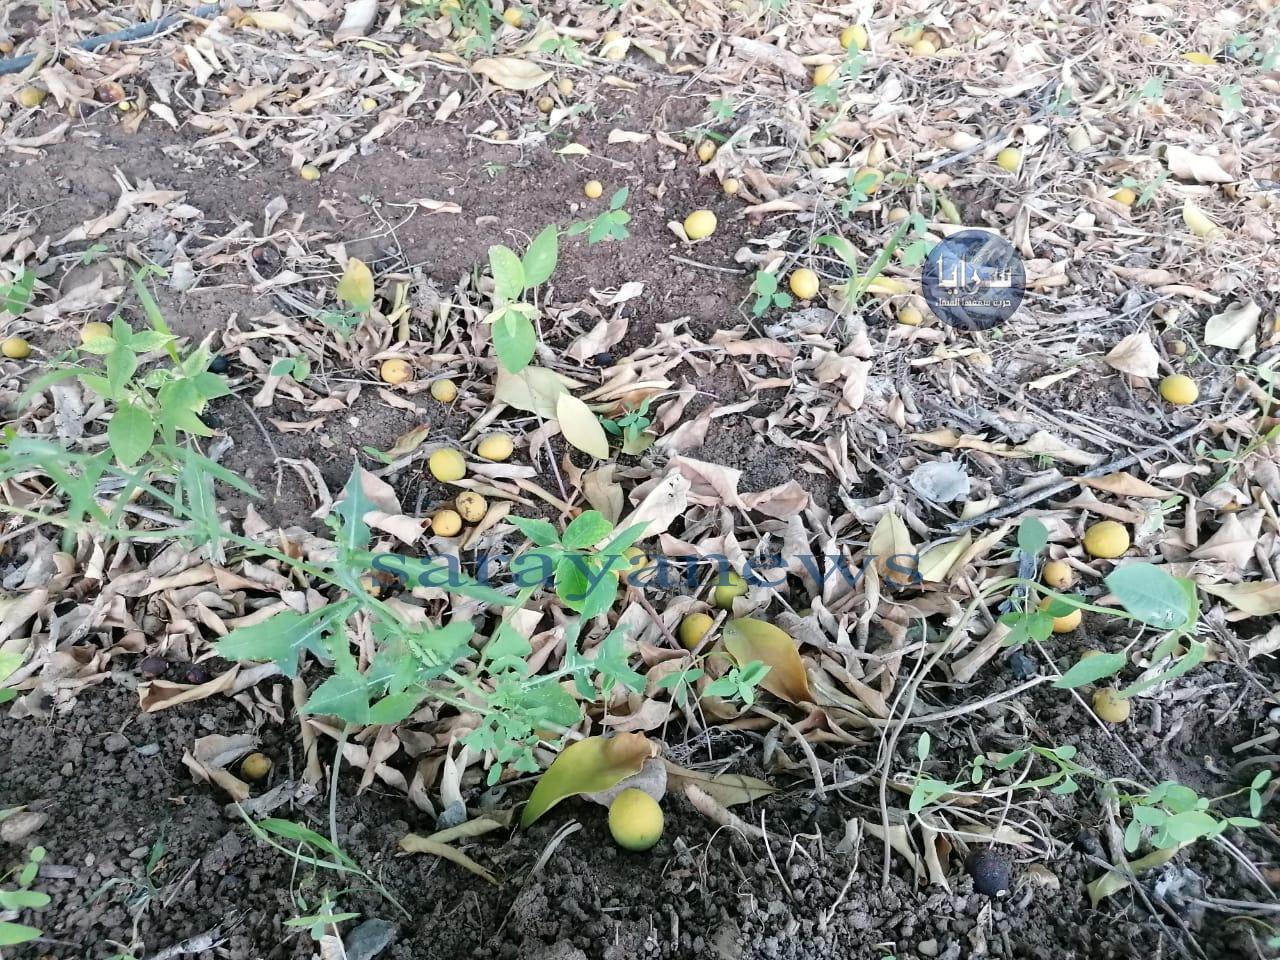 بالصور ..  كارثة تضرب القطاع الزراعي بالأغوار الشمالية جراء تساقط ثمار الحمضيات